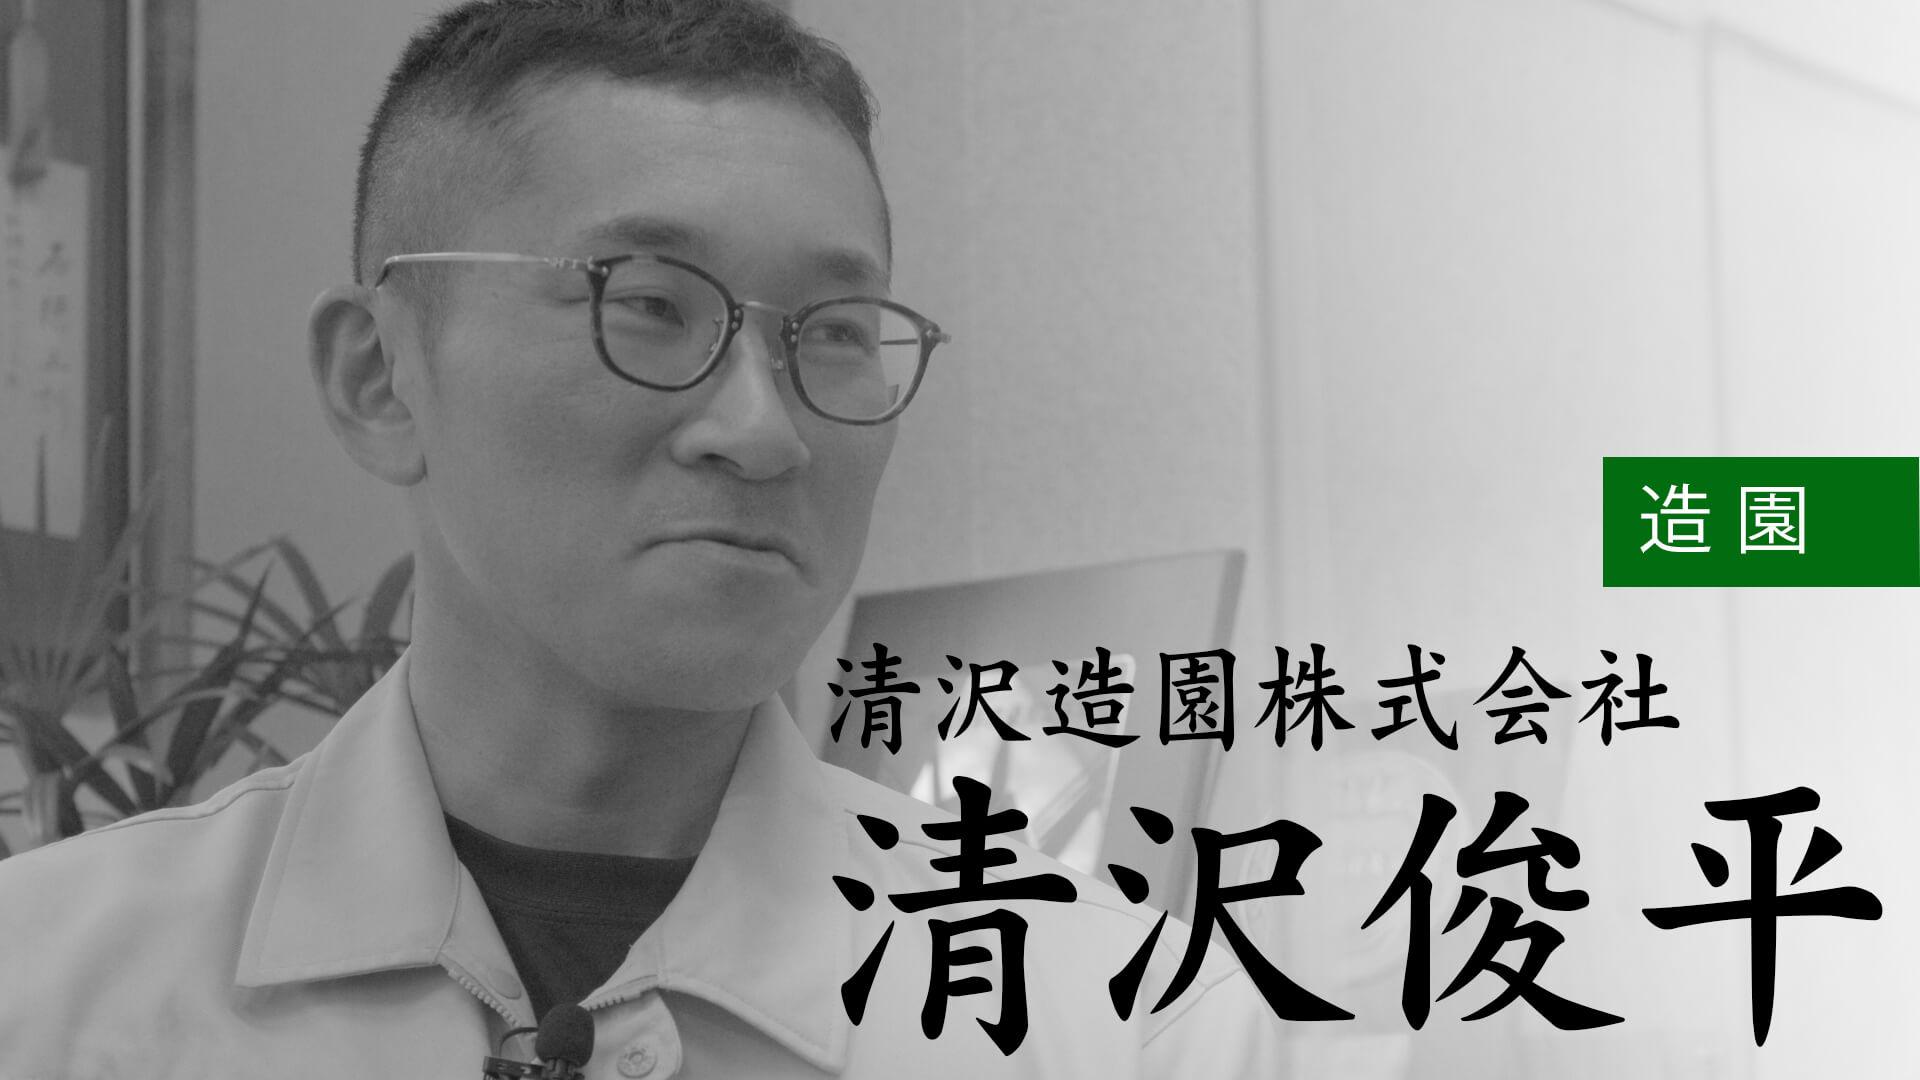 295回 三代目になる男 清沢 俊平 / 久遠チャンネルアップしました